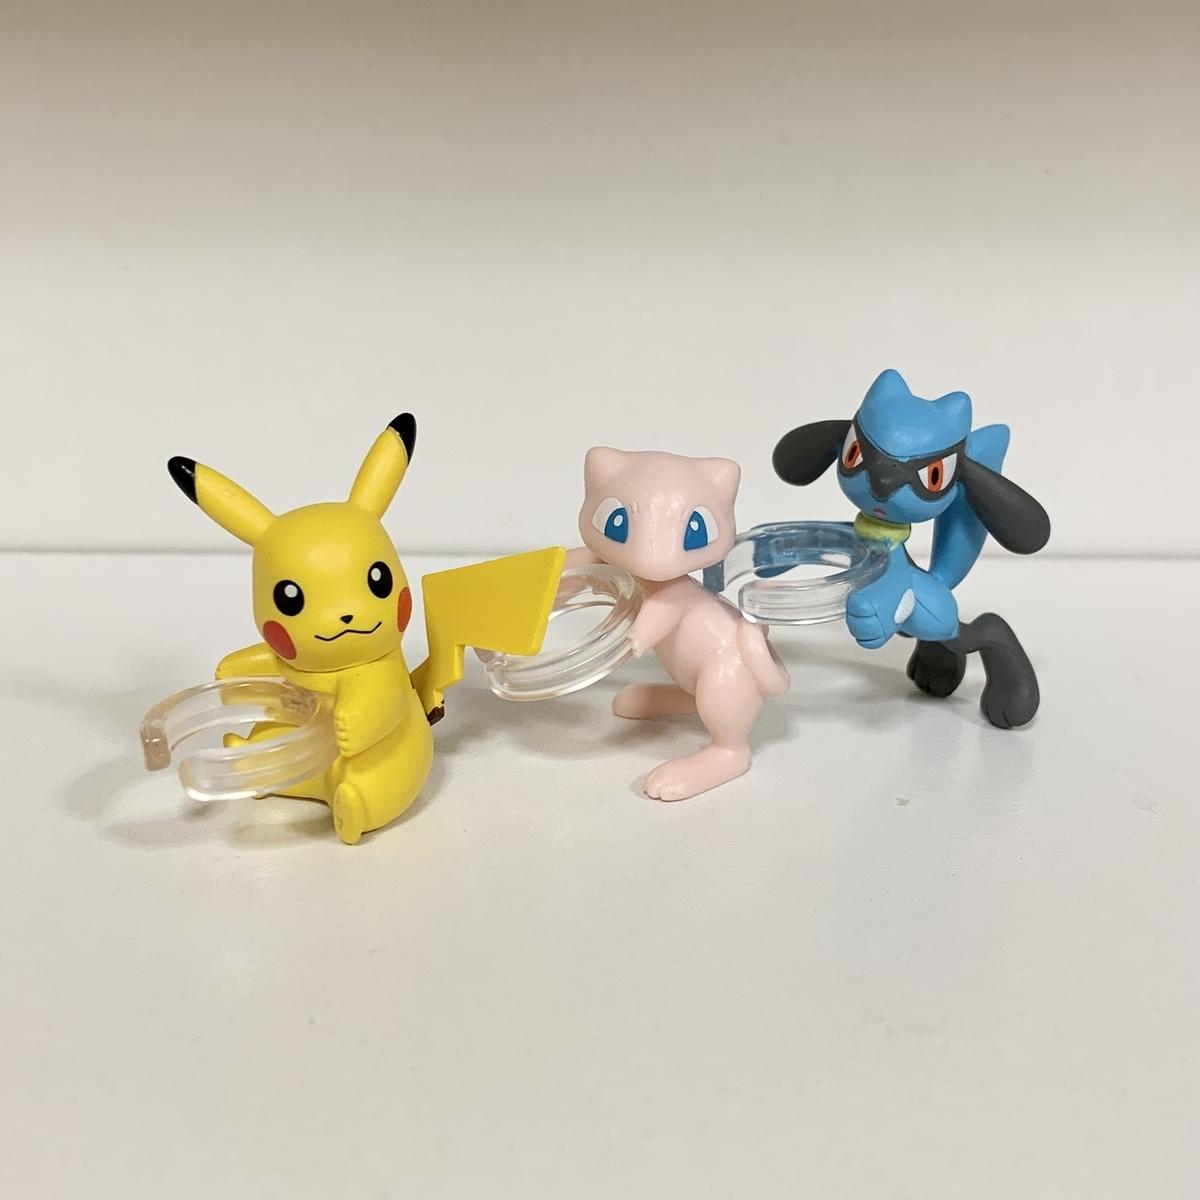 f:id:pikachu_pcn:20210916205108j:plain